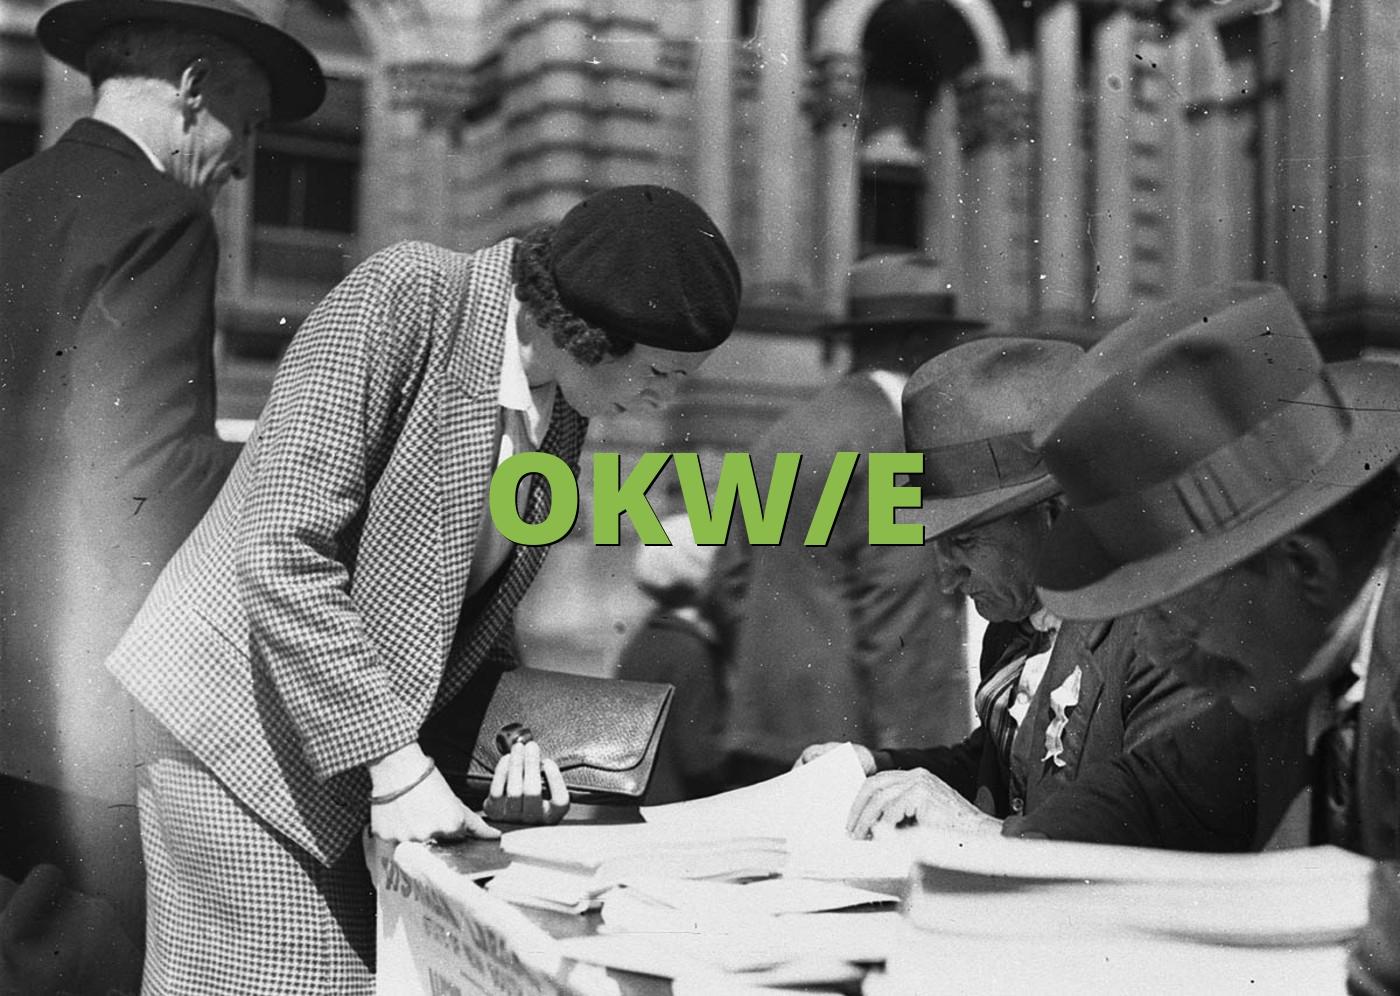 OKW/E